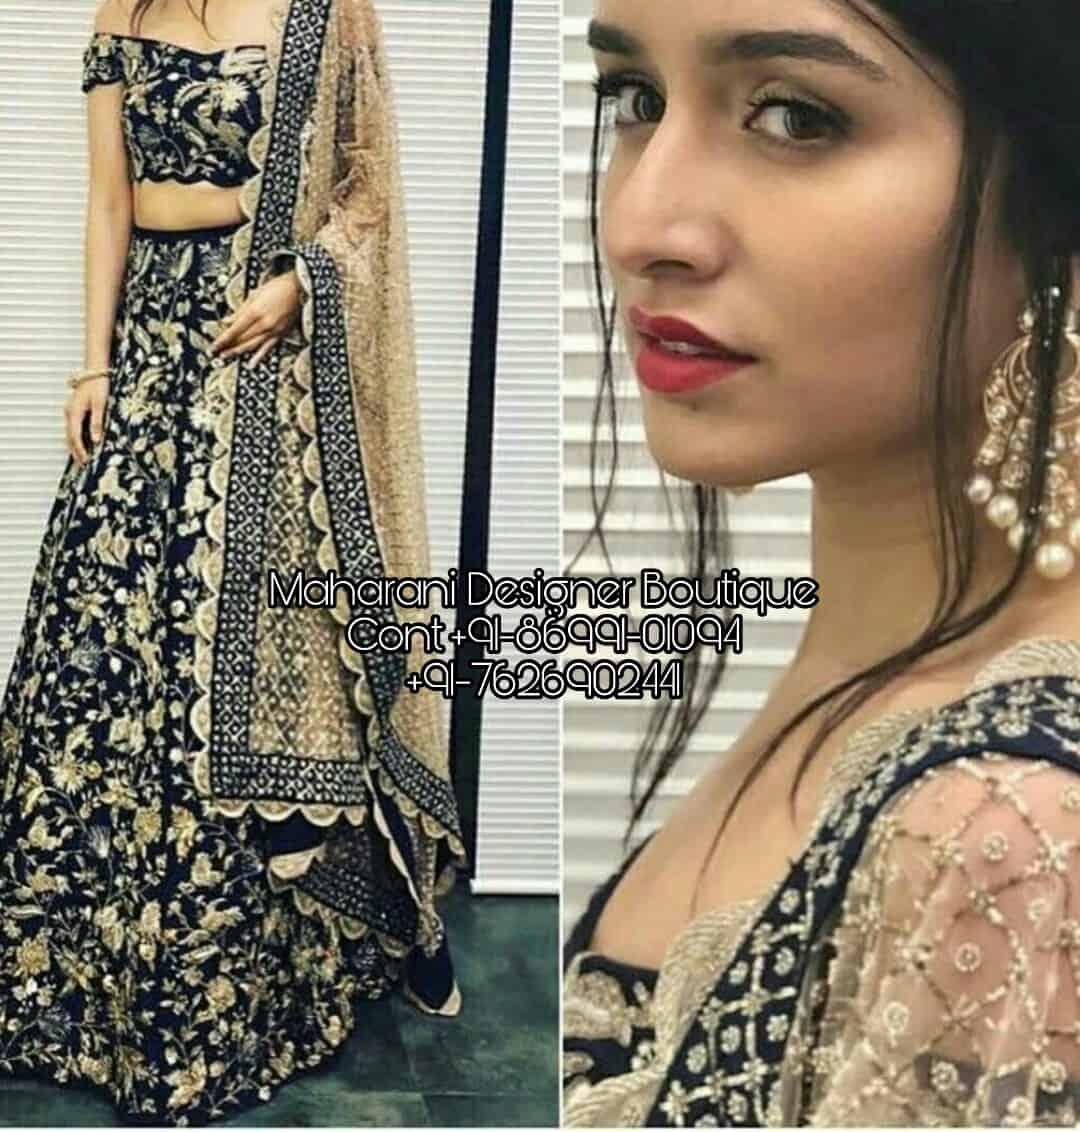 d27da6b47d Online Lehenga Boutique India | Maharani Designer Boutique